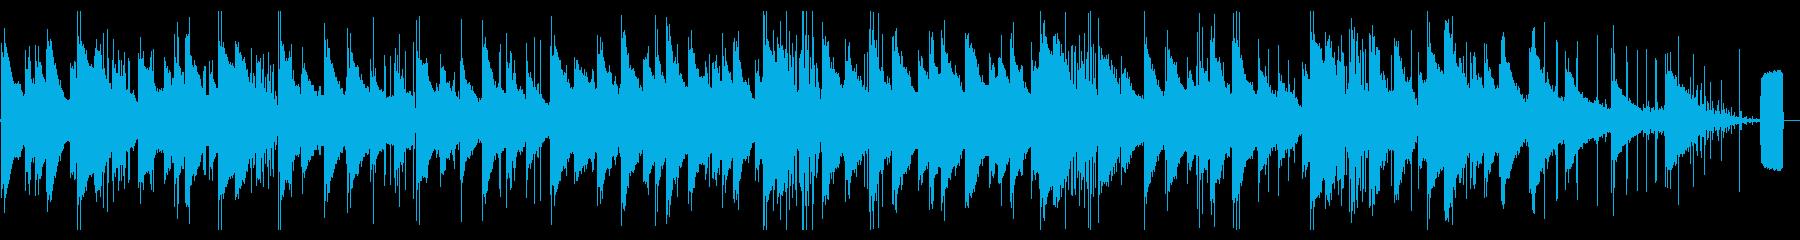 <おもしろBGM>ソが壊れたオルゴールの再生済みの波形